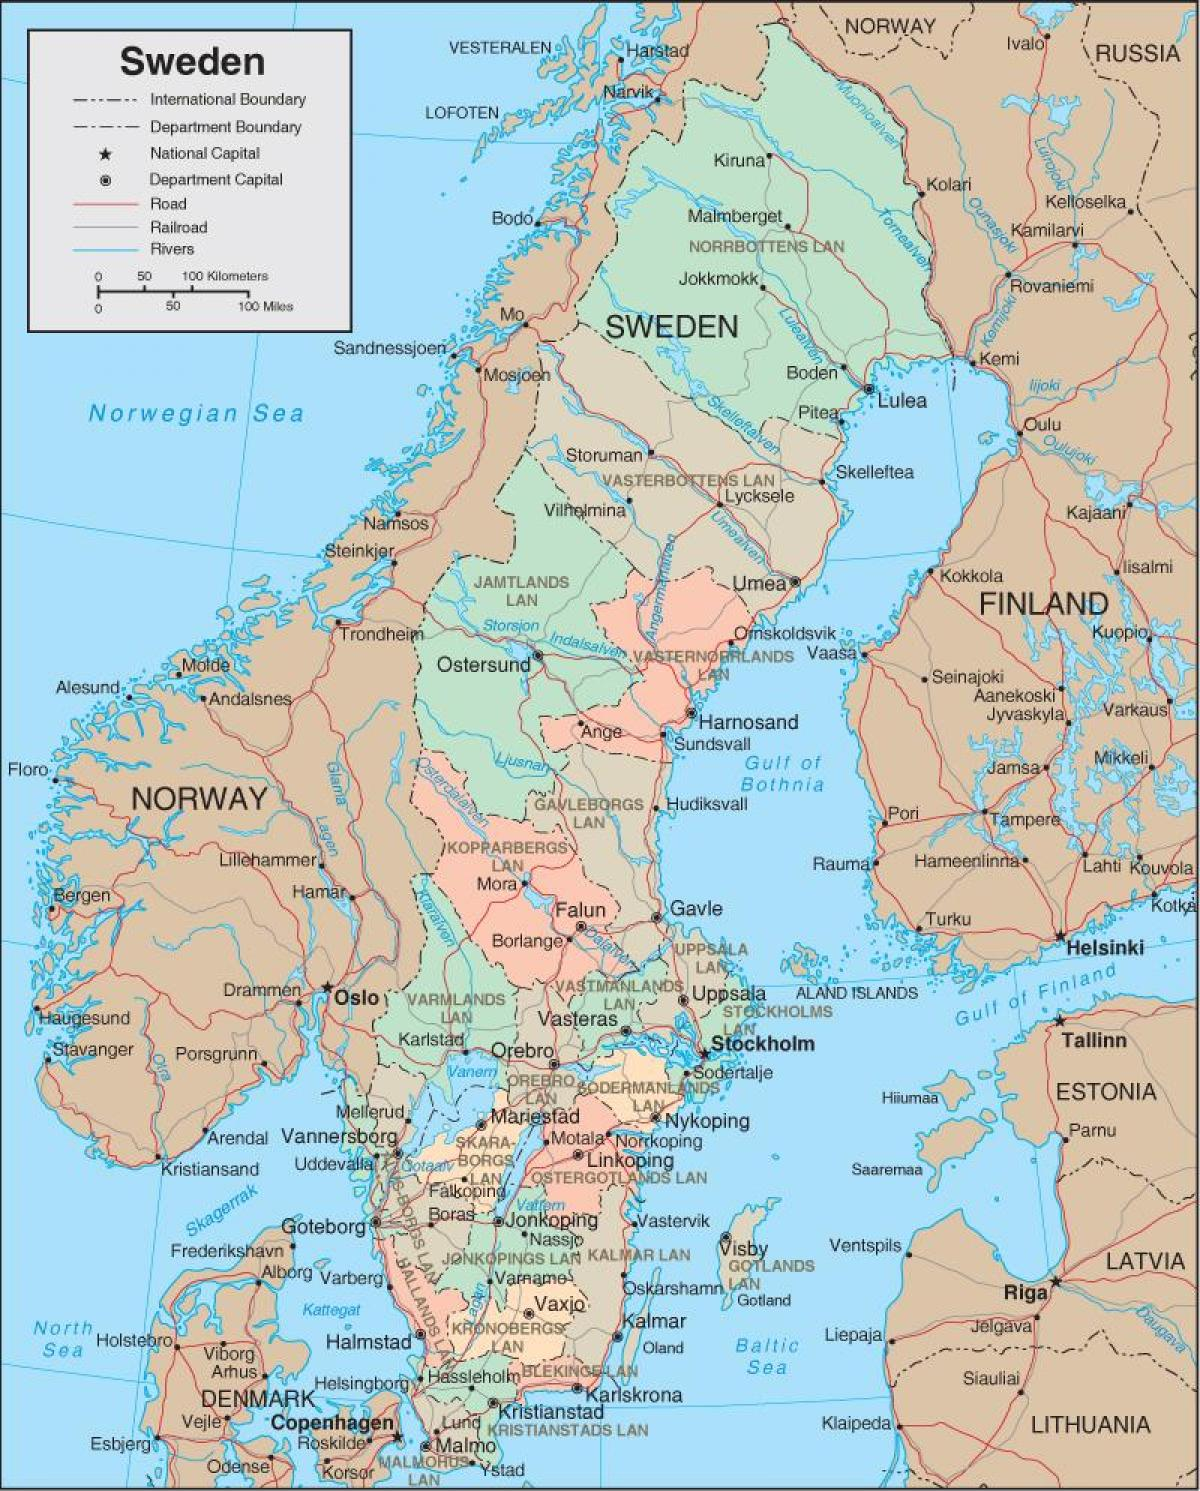 Karte Schweden Zum Ausdrucken.Druckbare Karte Von Schweden Schweden Druckbare Karte